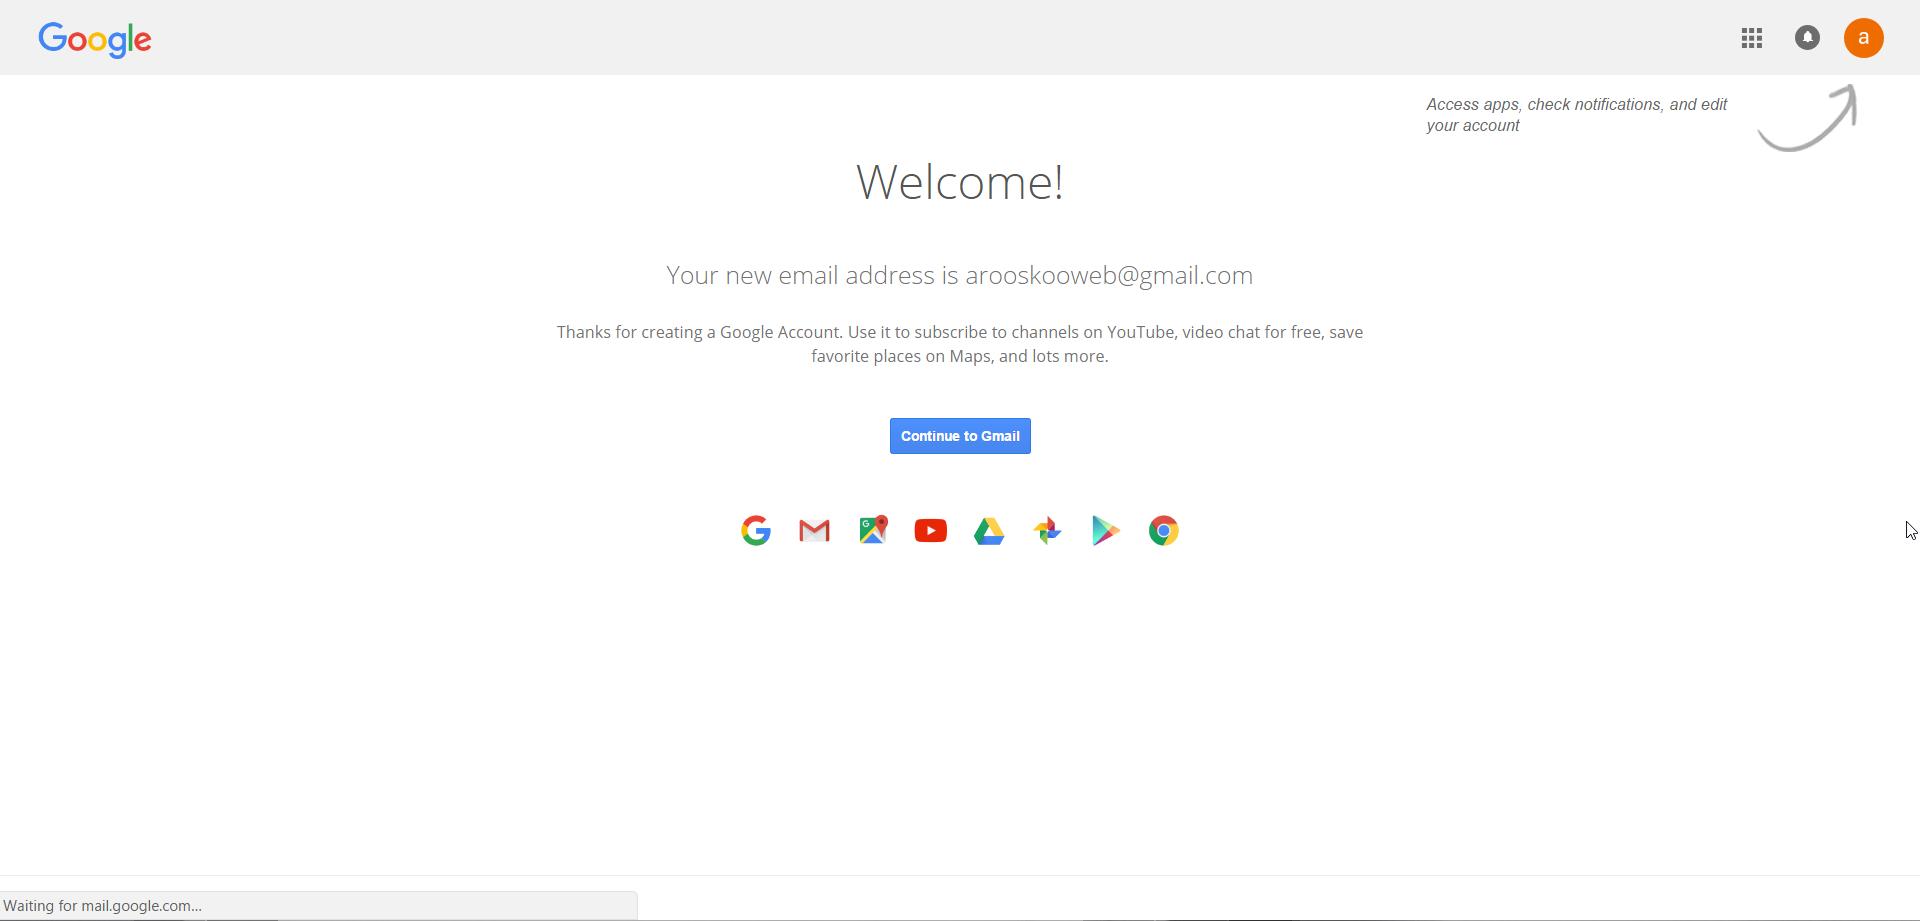 صفحه خوش آمد گویی گوگل